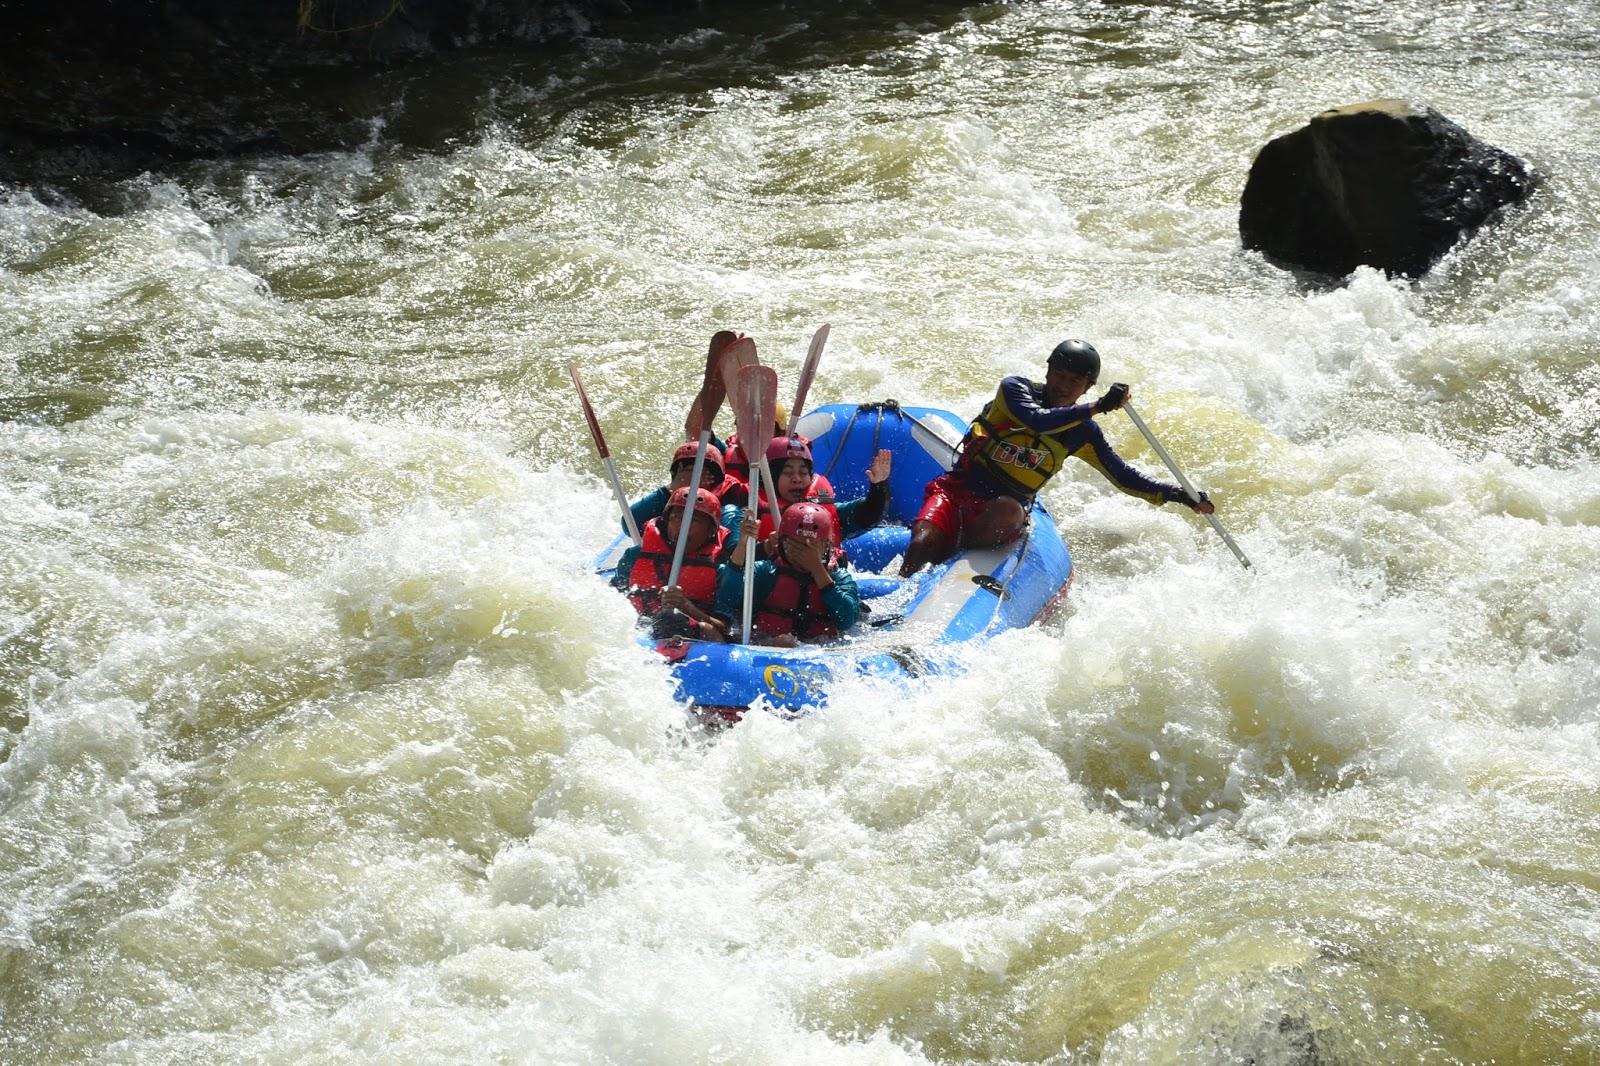 Paket Rafting Sungai Serayu Banjarnegara Pikas Artventure Resort Arung Jeram